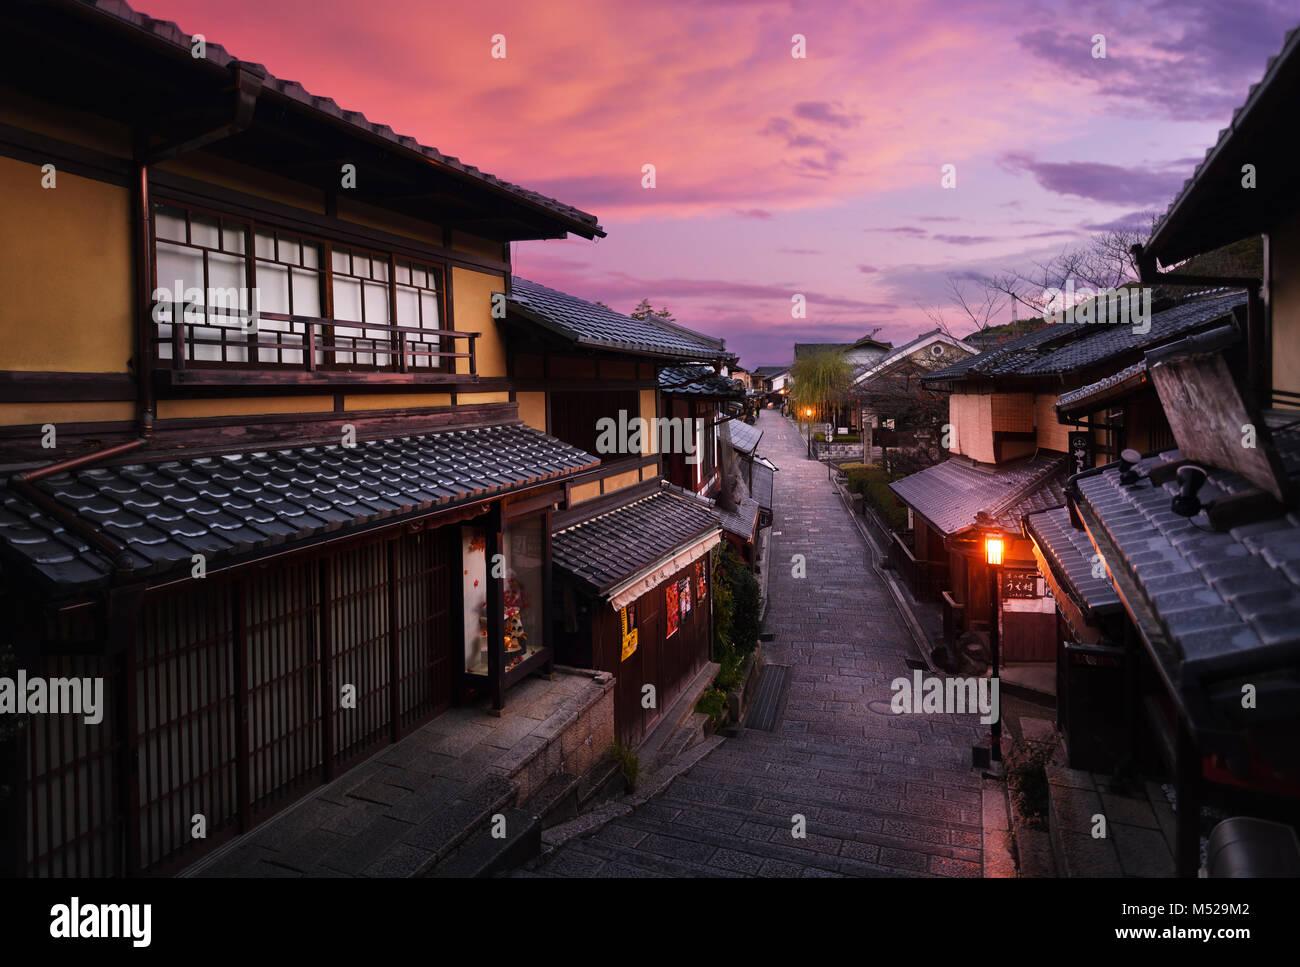 Bellos amaneceres escenografía de Yasaka dori histórica calle en Kyoto vacía y tranquila, temprano Imagen De Stock